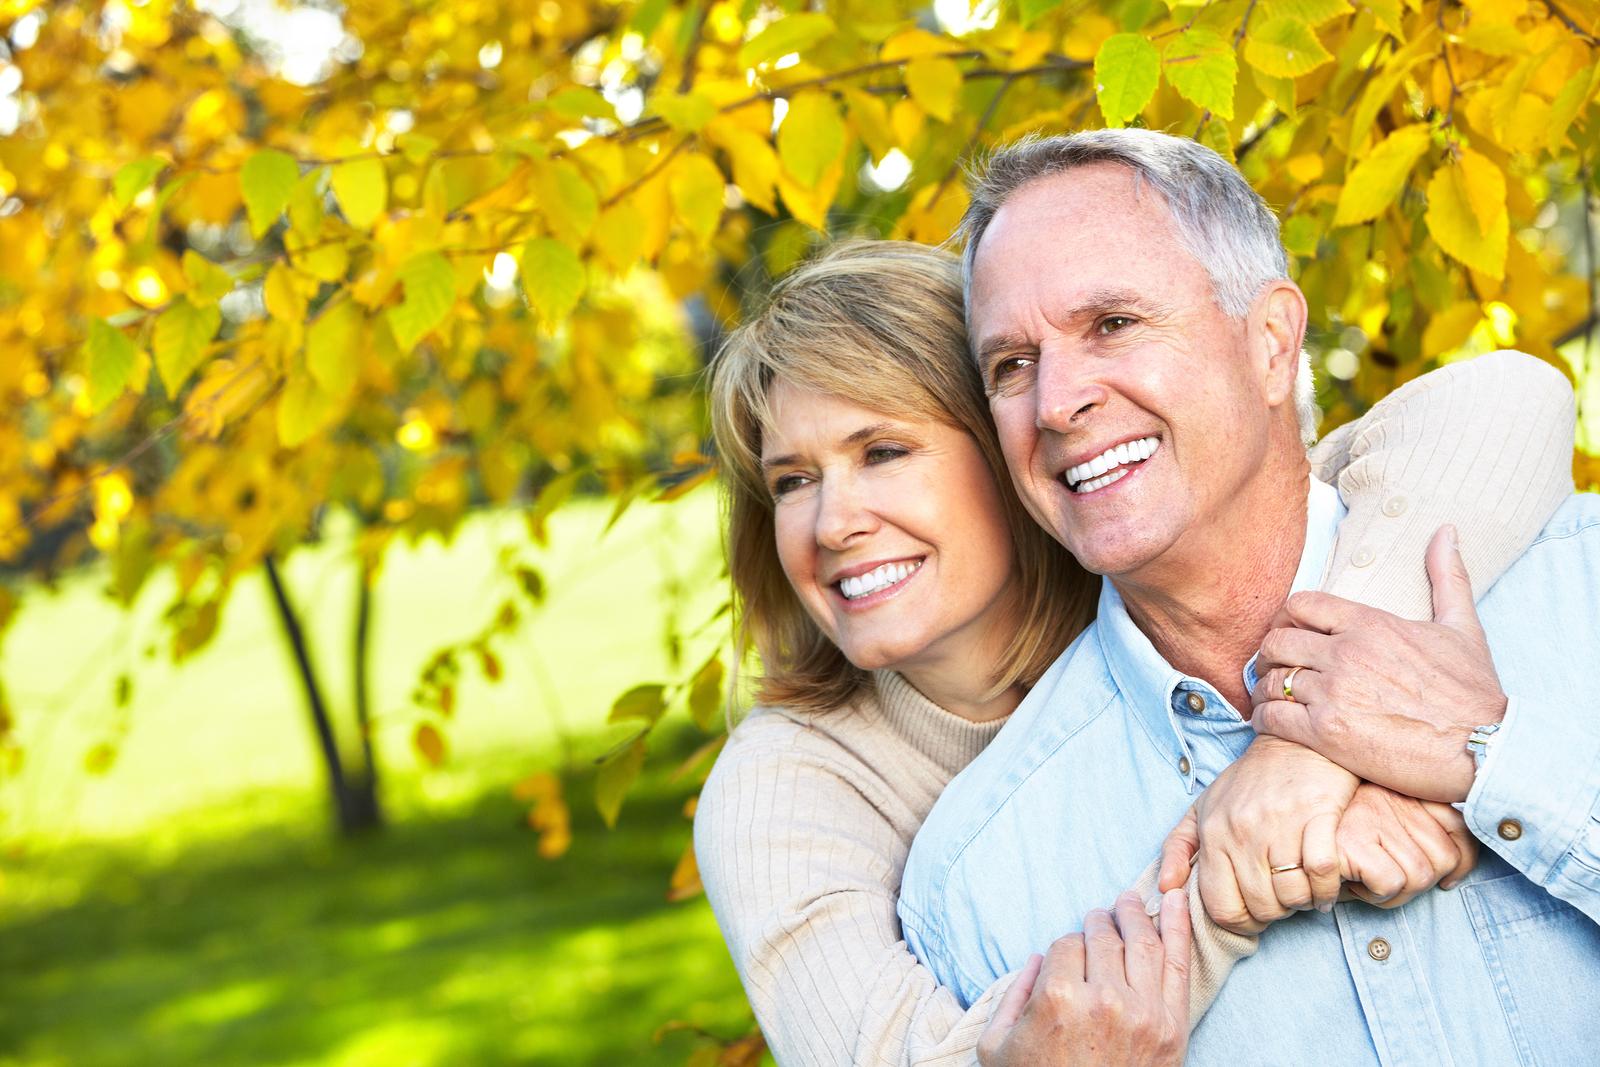 bigstock-Happy-senior-couple-in-love-in-